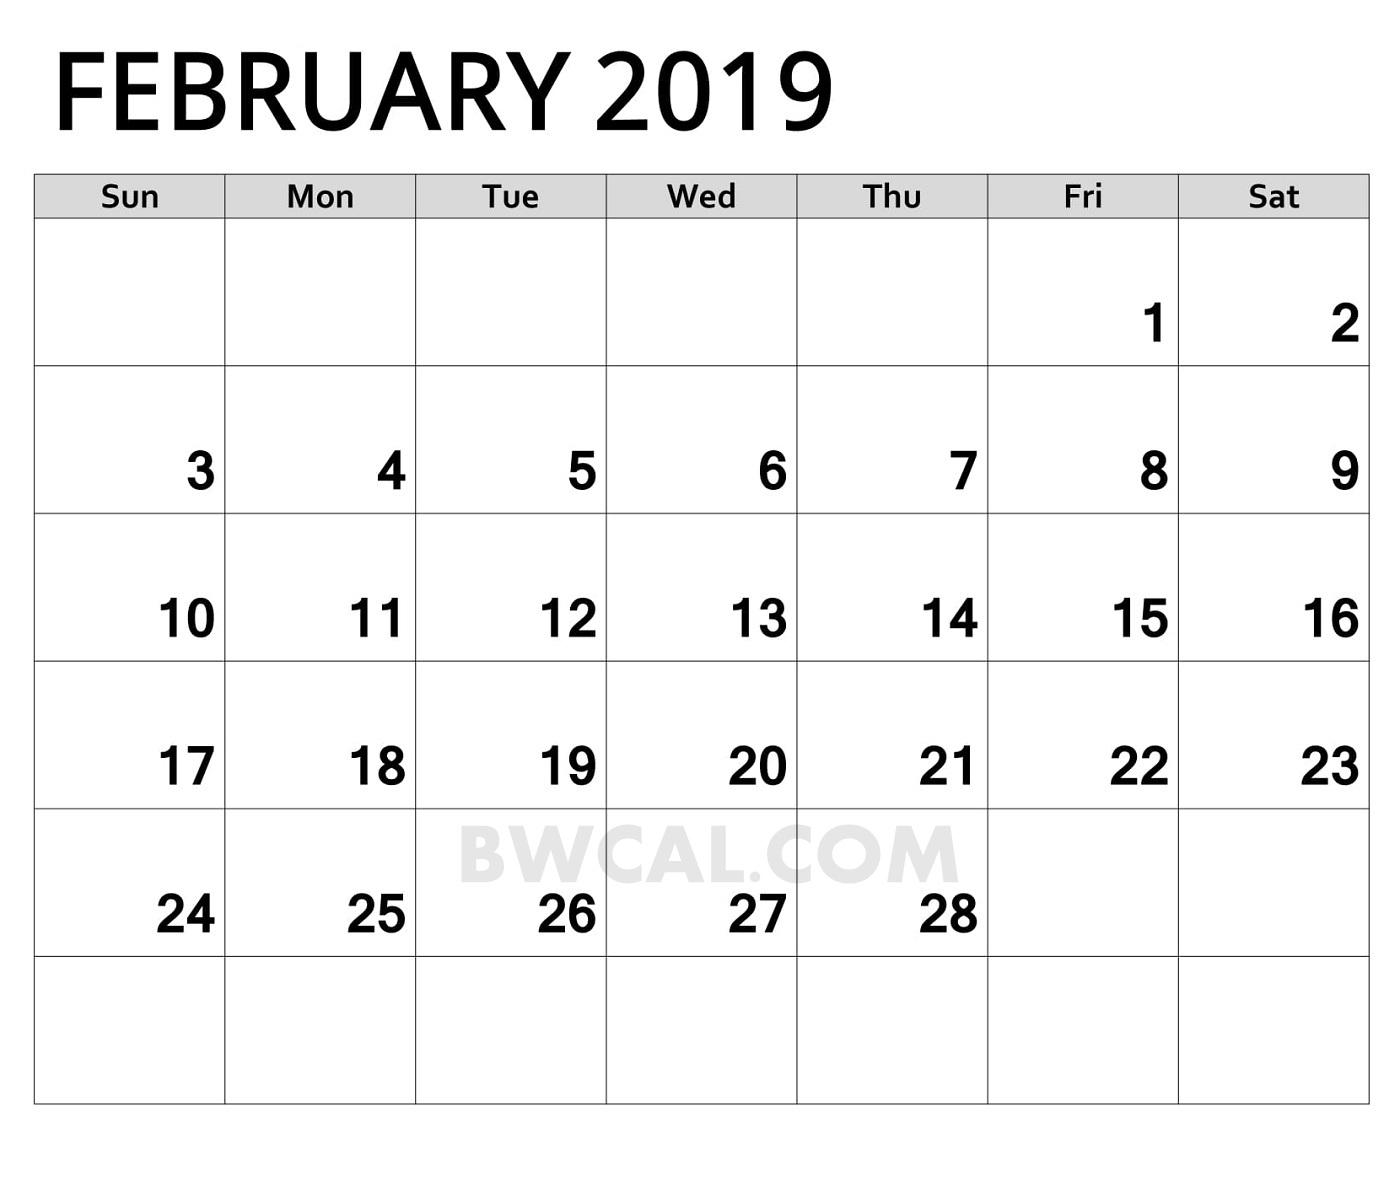 februay 2019 calendar printable calendar template printable February 2019 Calendar erdferdf